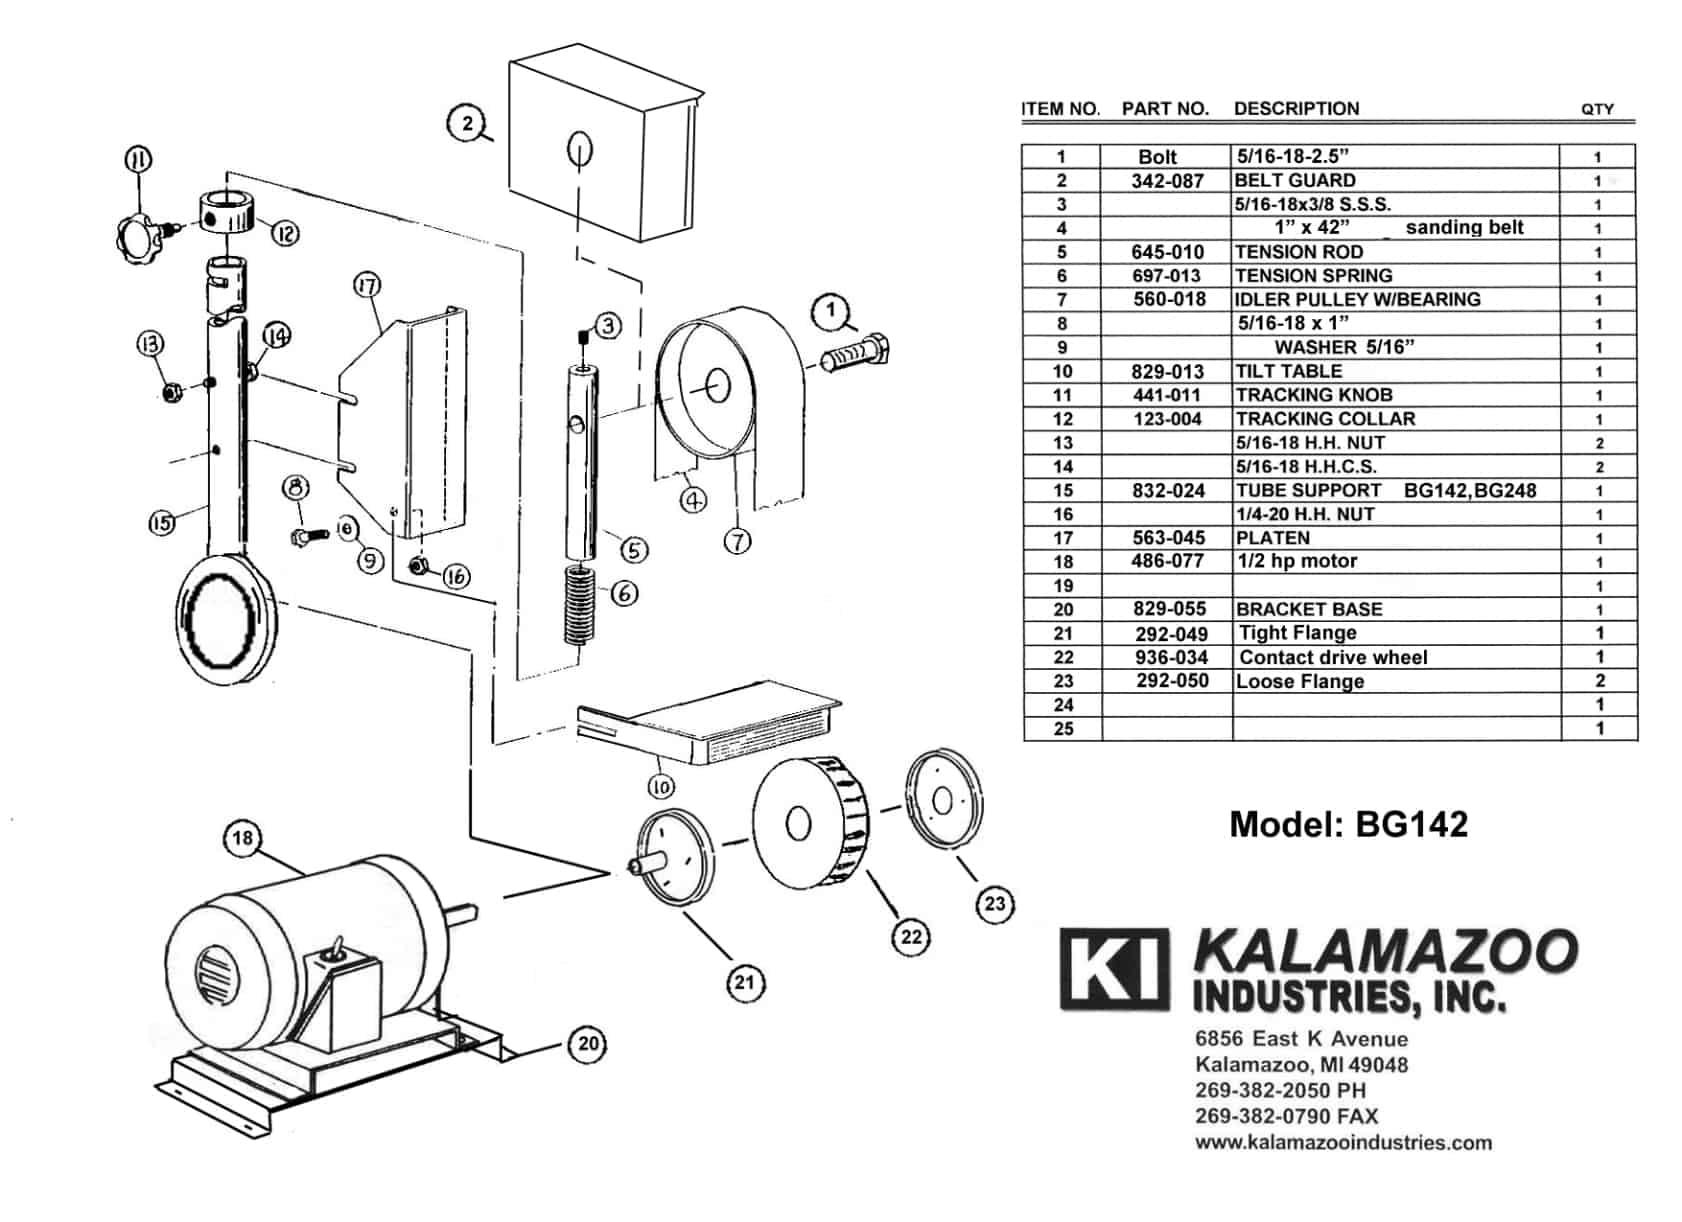 Bg142 1 X 42 Inch Industrial Belt Grinder Parts List